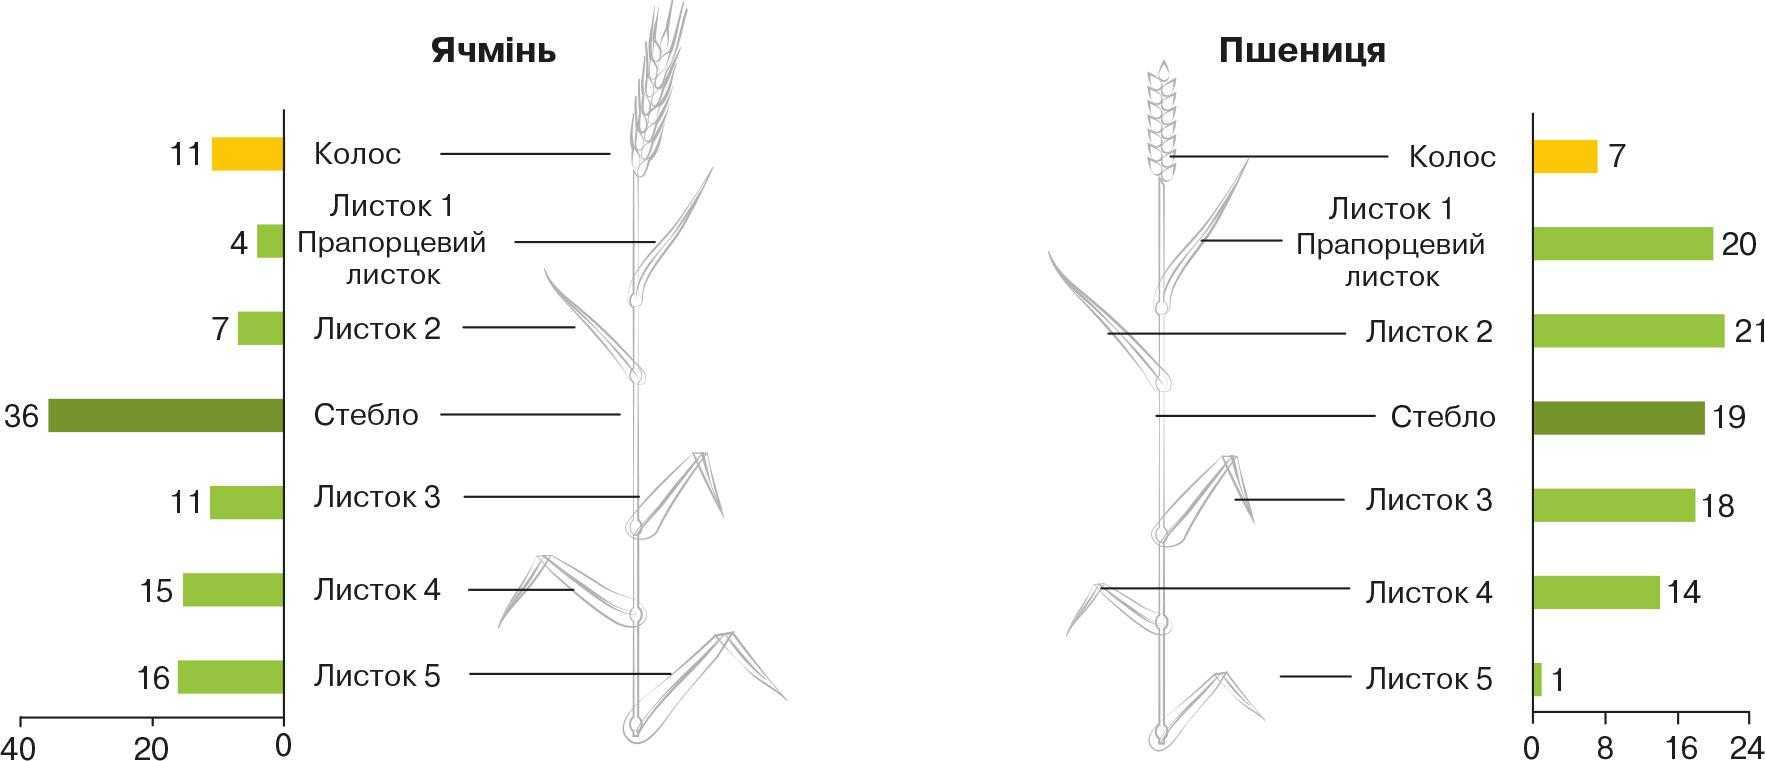 Рис. 6. Розподіл фотосинтетичної поверхні між окремими частинами рослин зернових культур